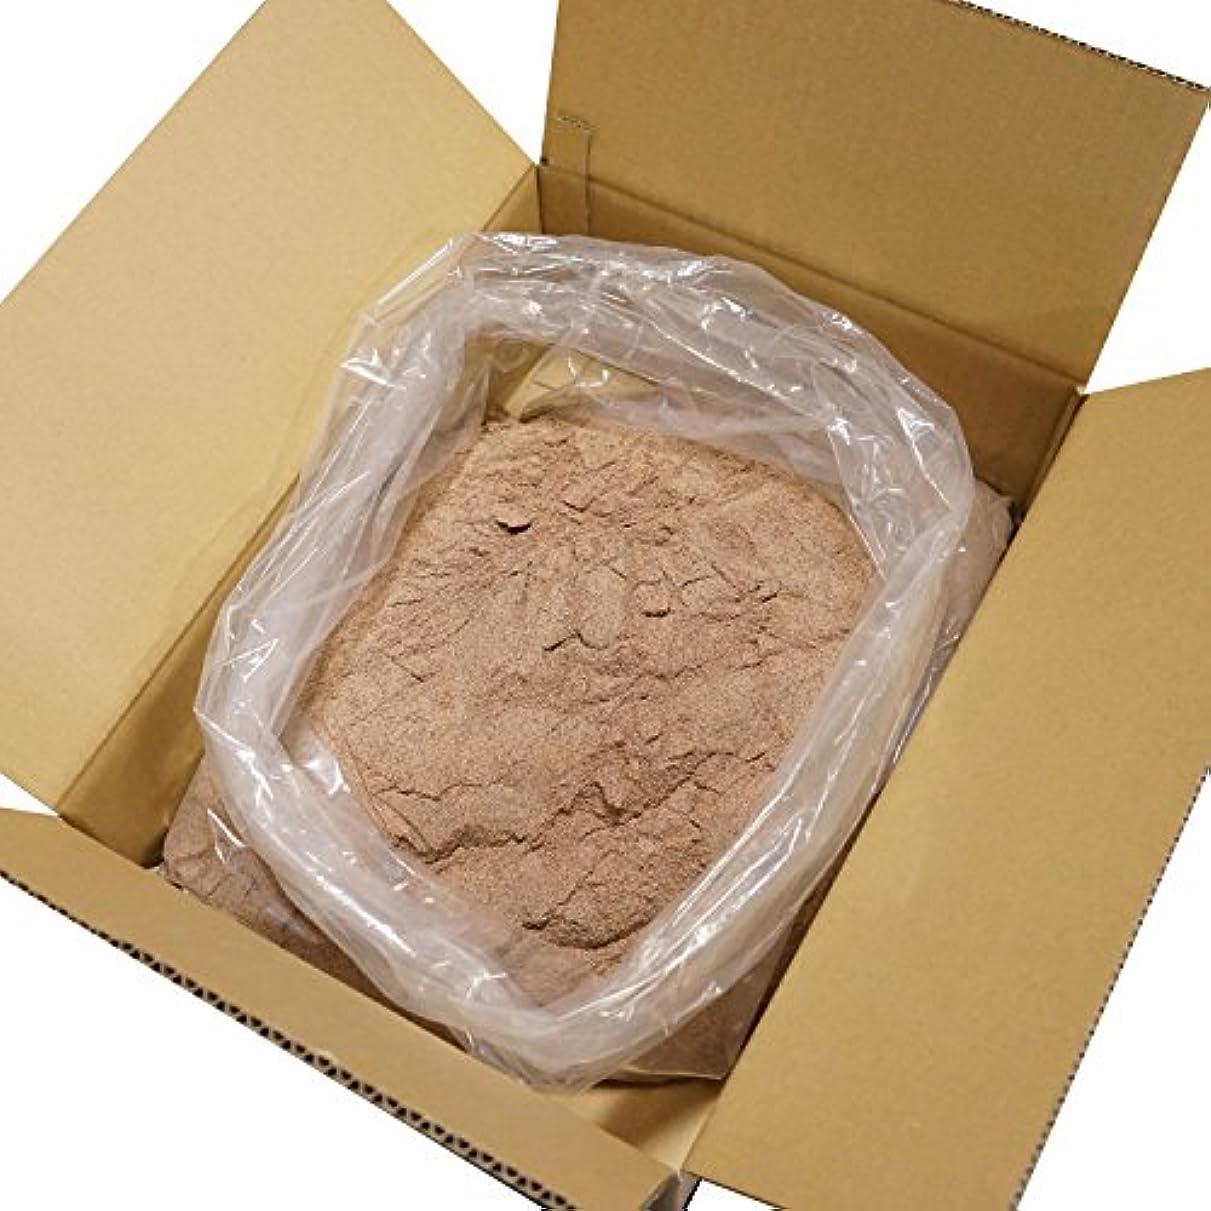 チューインガム磁器メーターヒマラヤ 岩塩 ブラック パウダー 細粒タイプ 業務用 原料 (5kg)